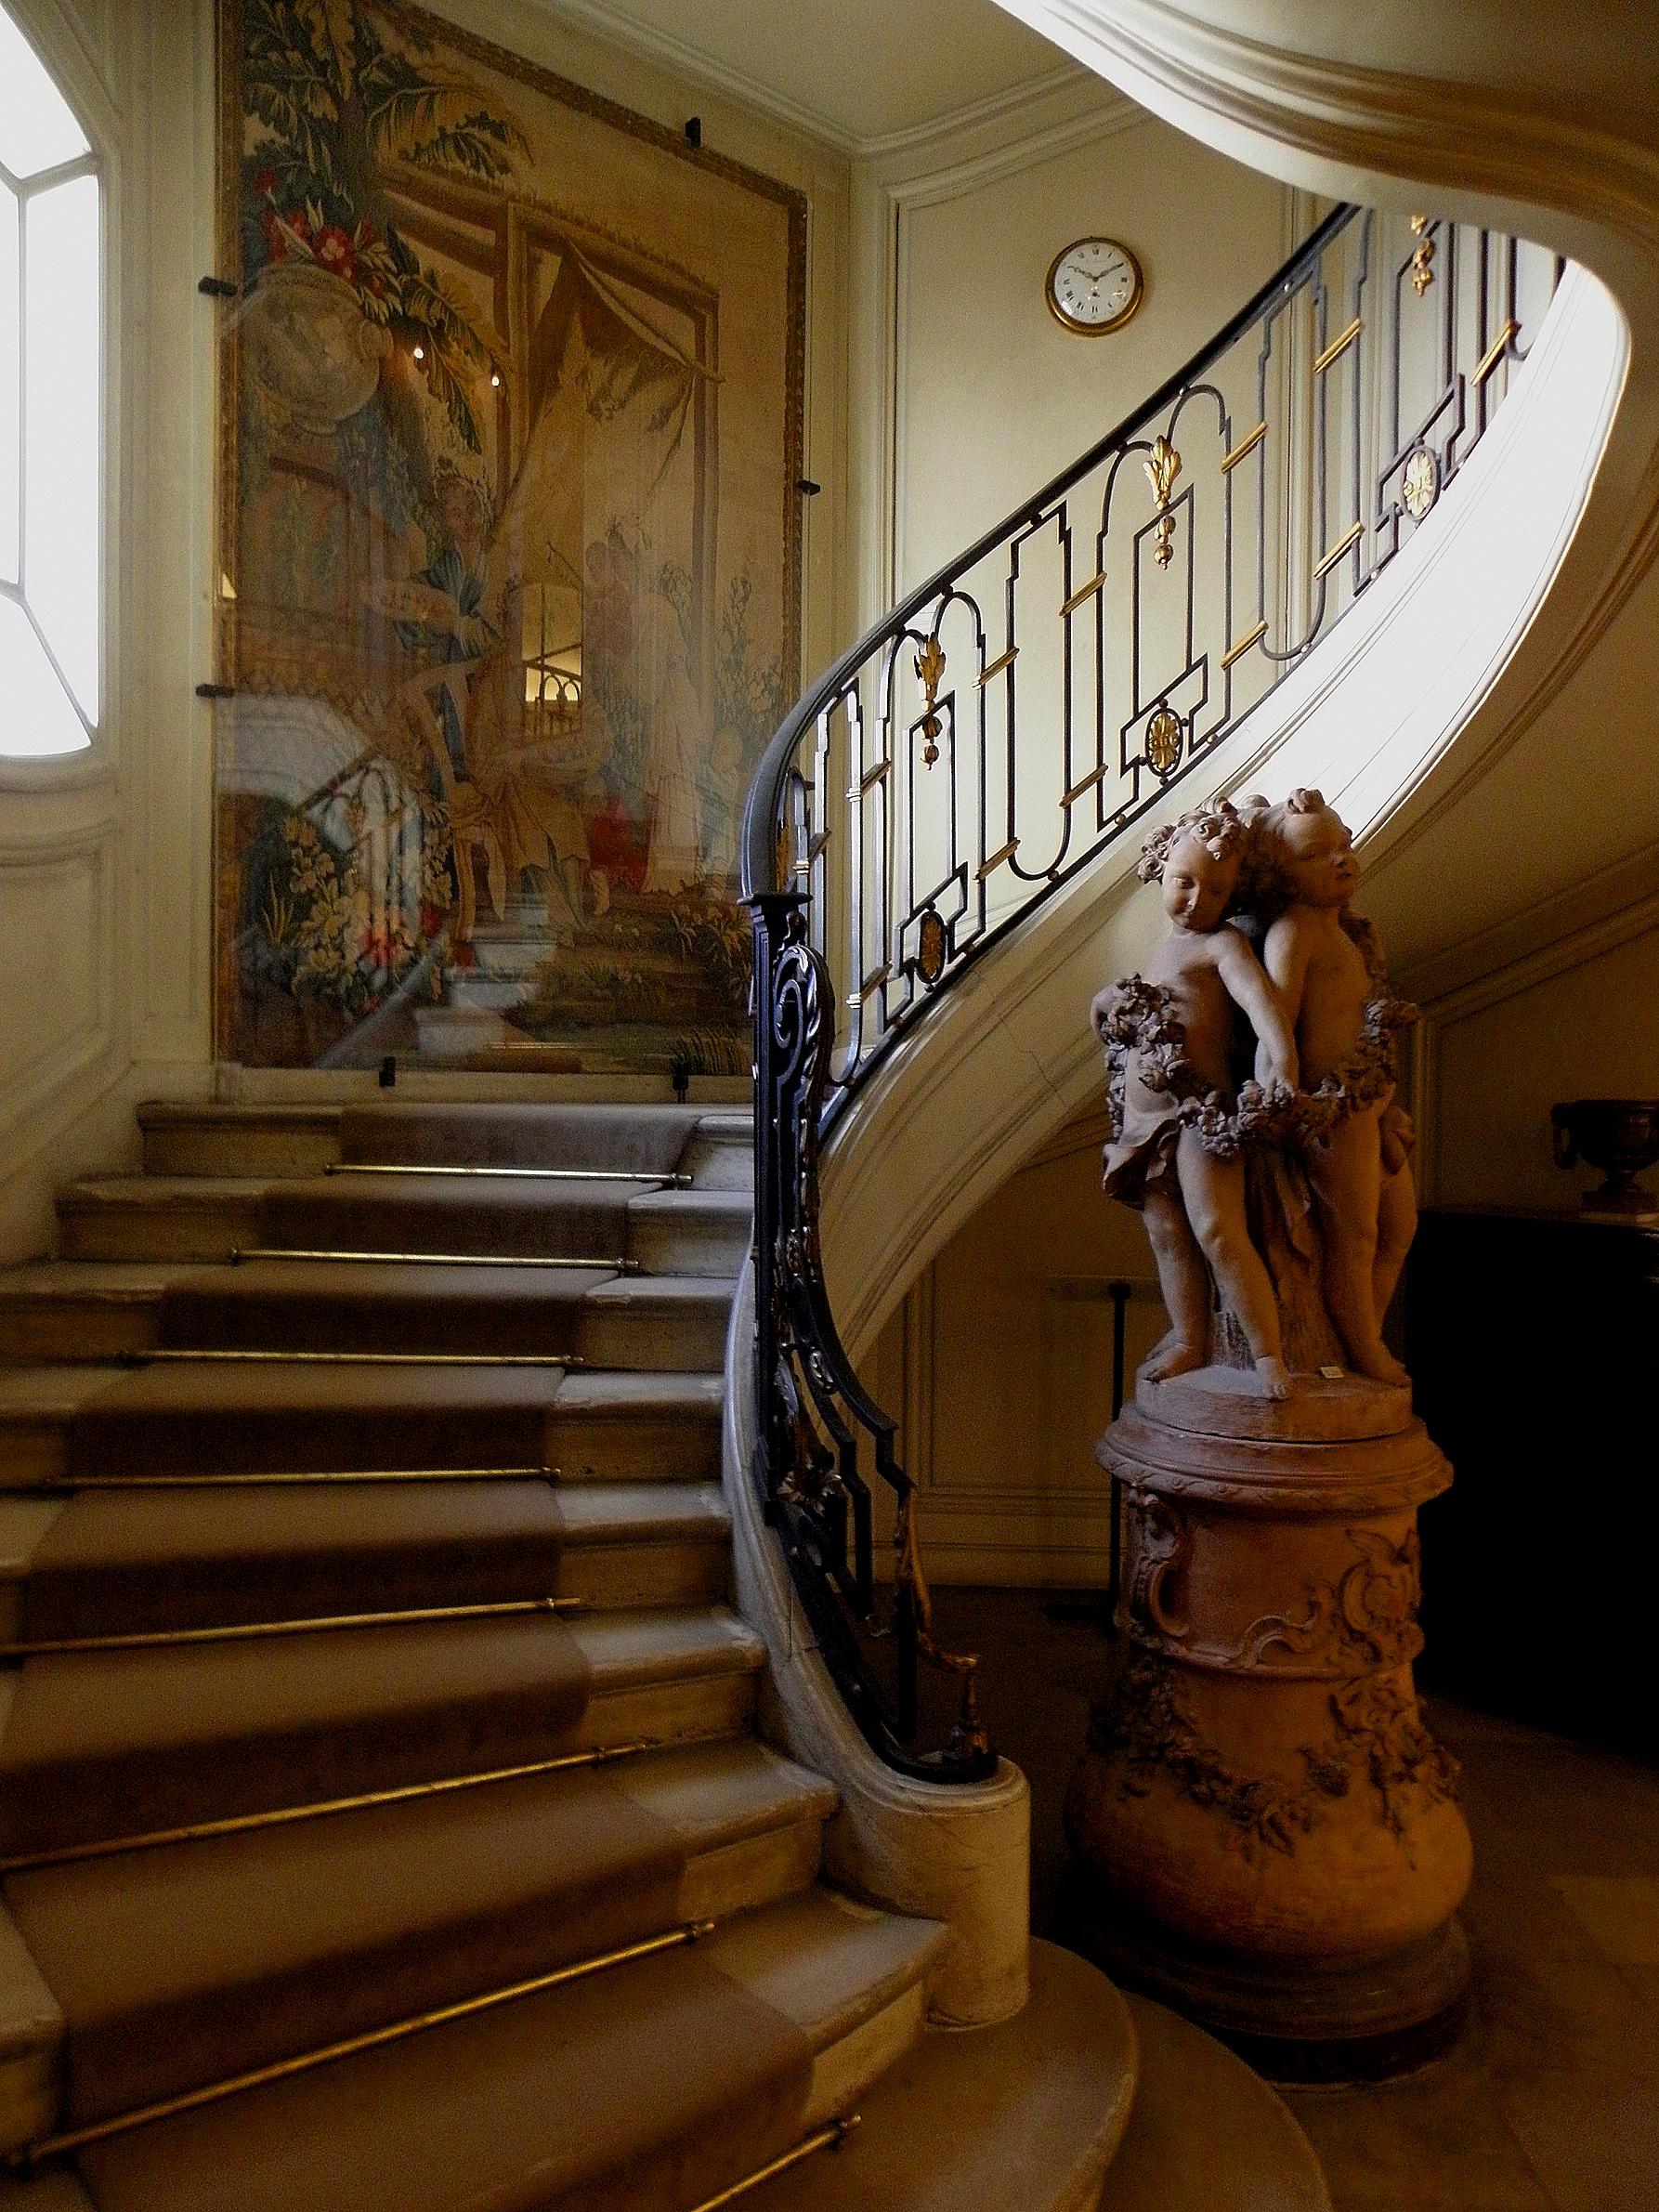 Paris_(75008)_Musée_Nissim_de_Camondo_Escalier_desservant_le_1er_étage_01.jpg